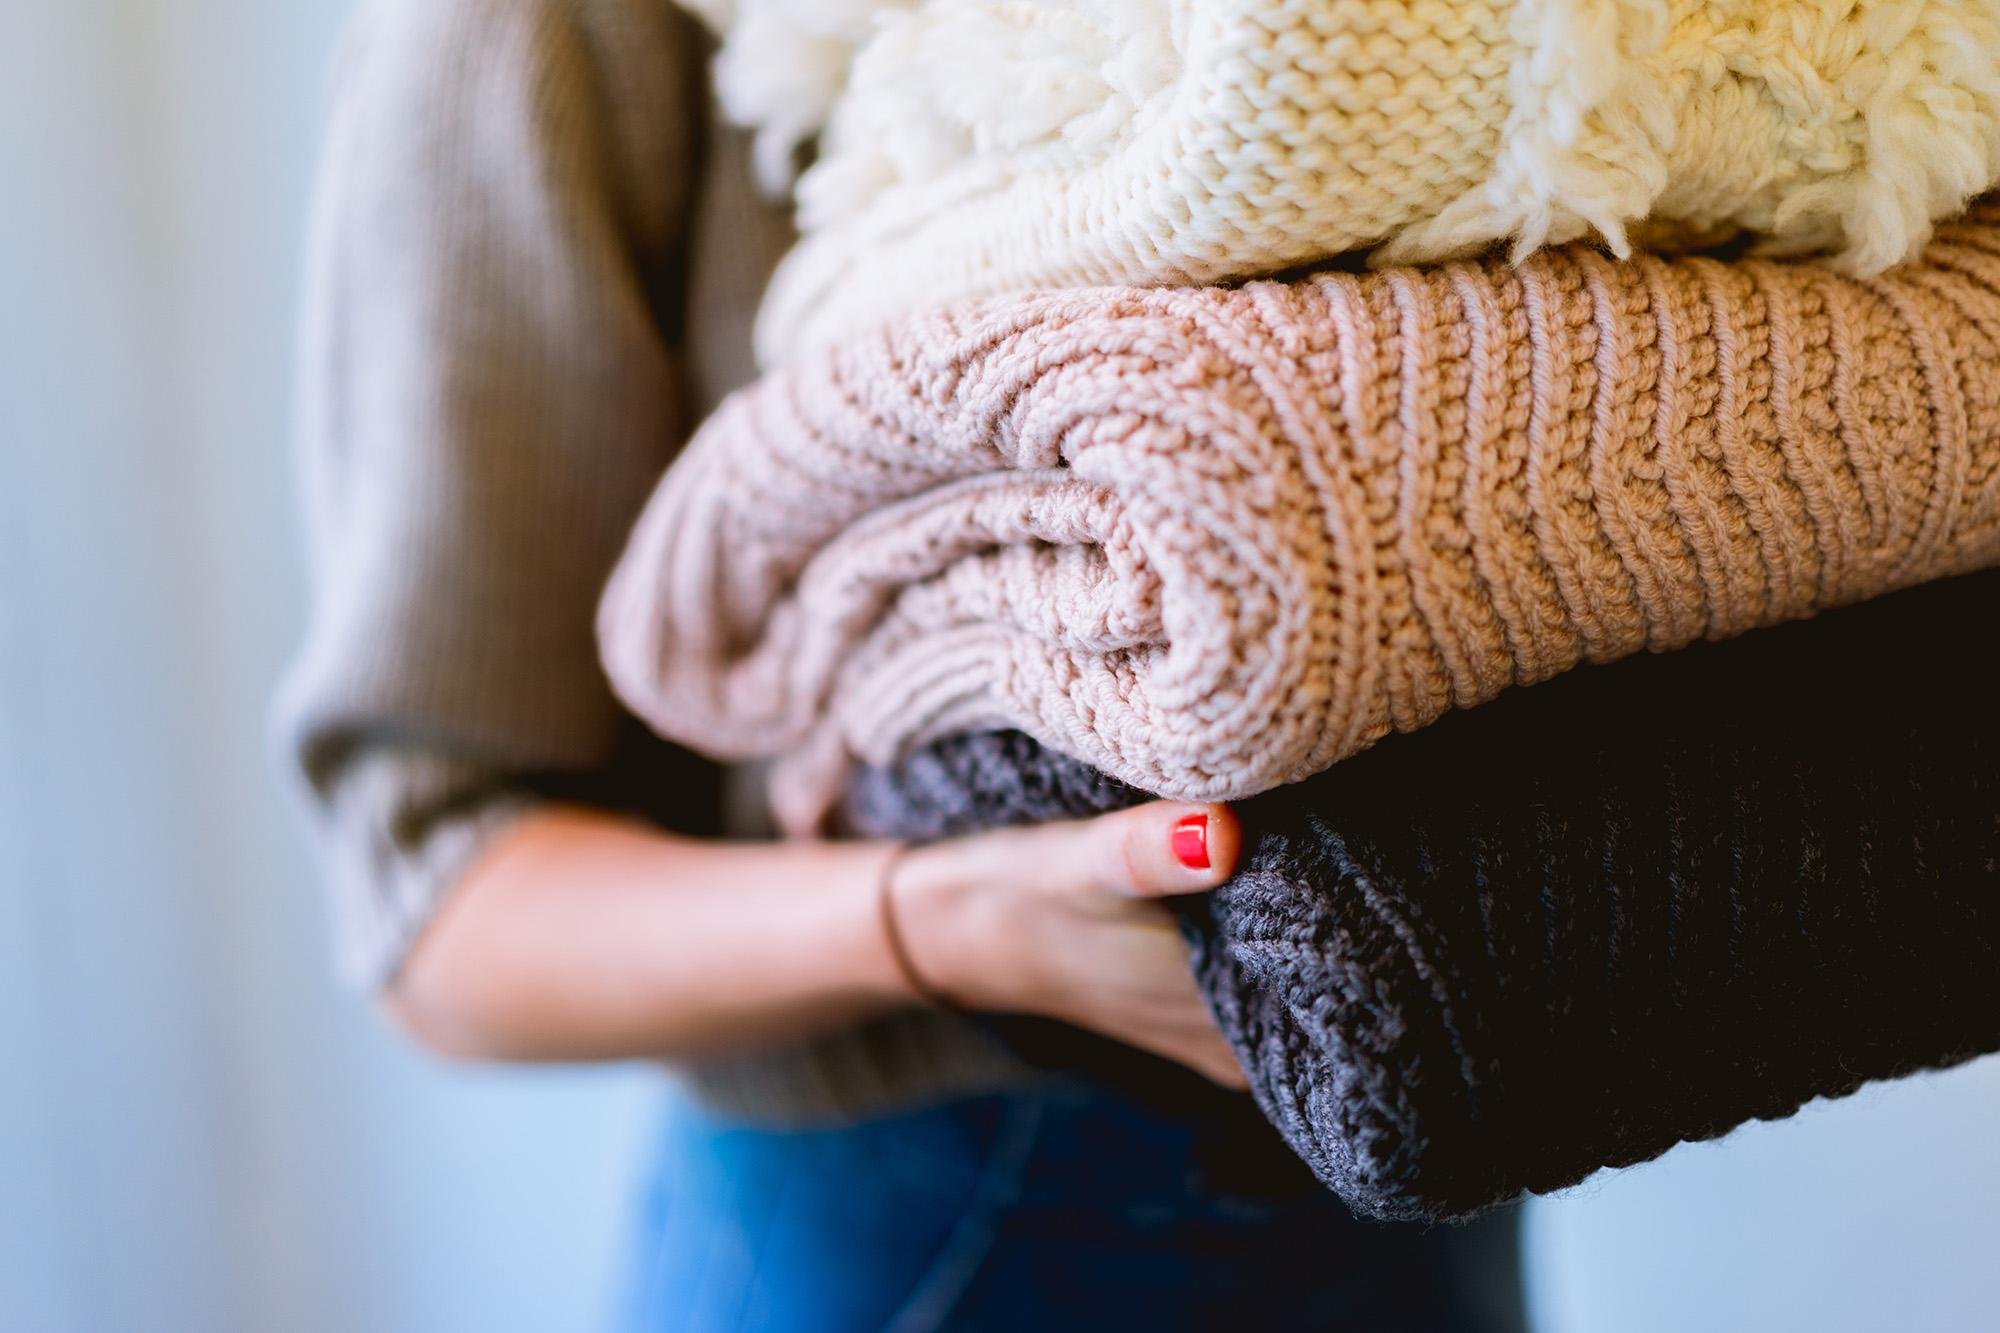 Giysinizi temizleme ve giyside kokuyu giderme şansınız yoksa, fazla kurumu silkeleyin. Mümkün olan en kısa sürede çamaşırları bir kuru temizleyiciye götürün